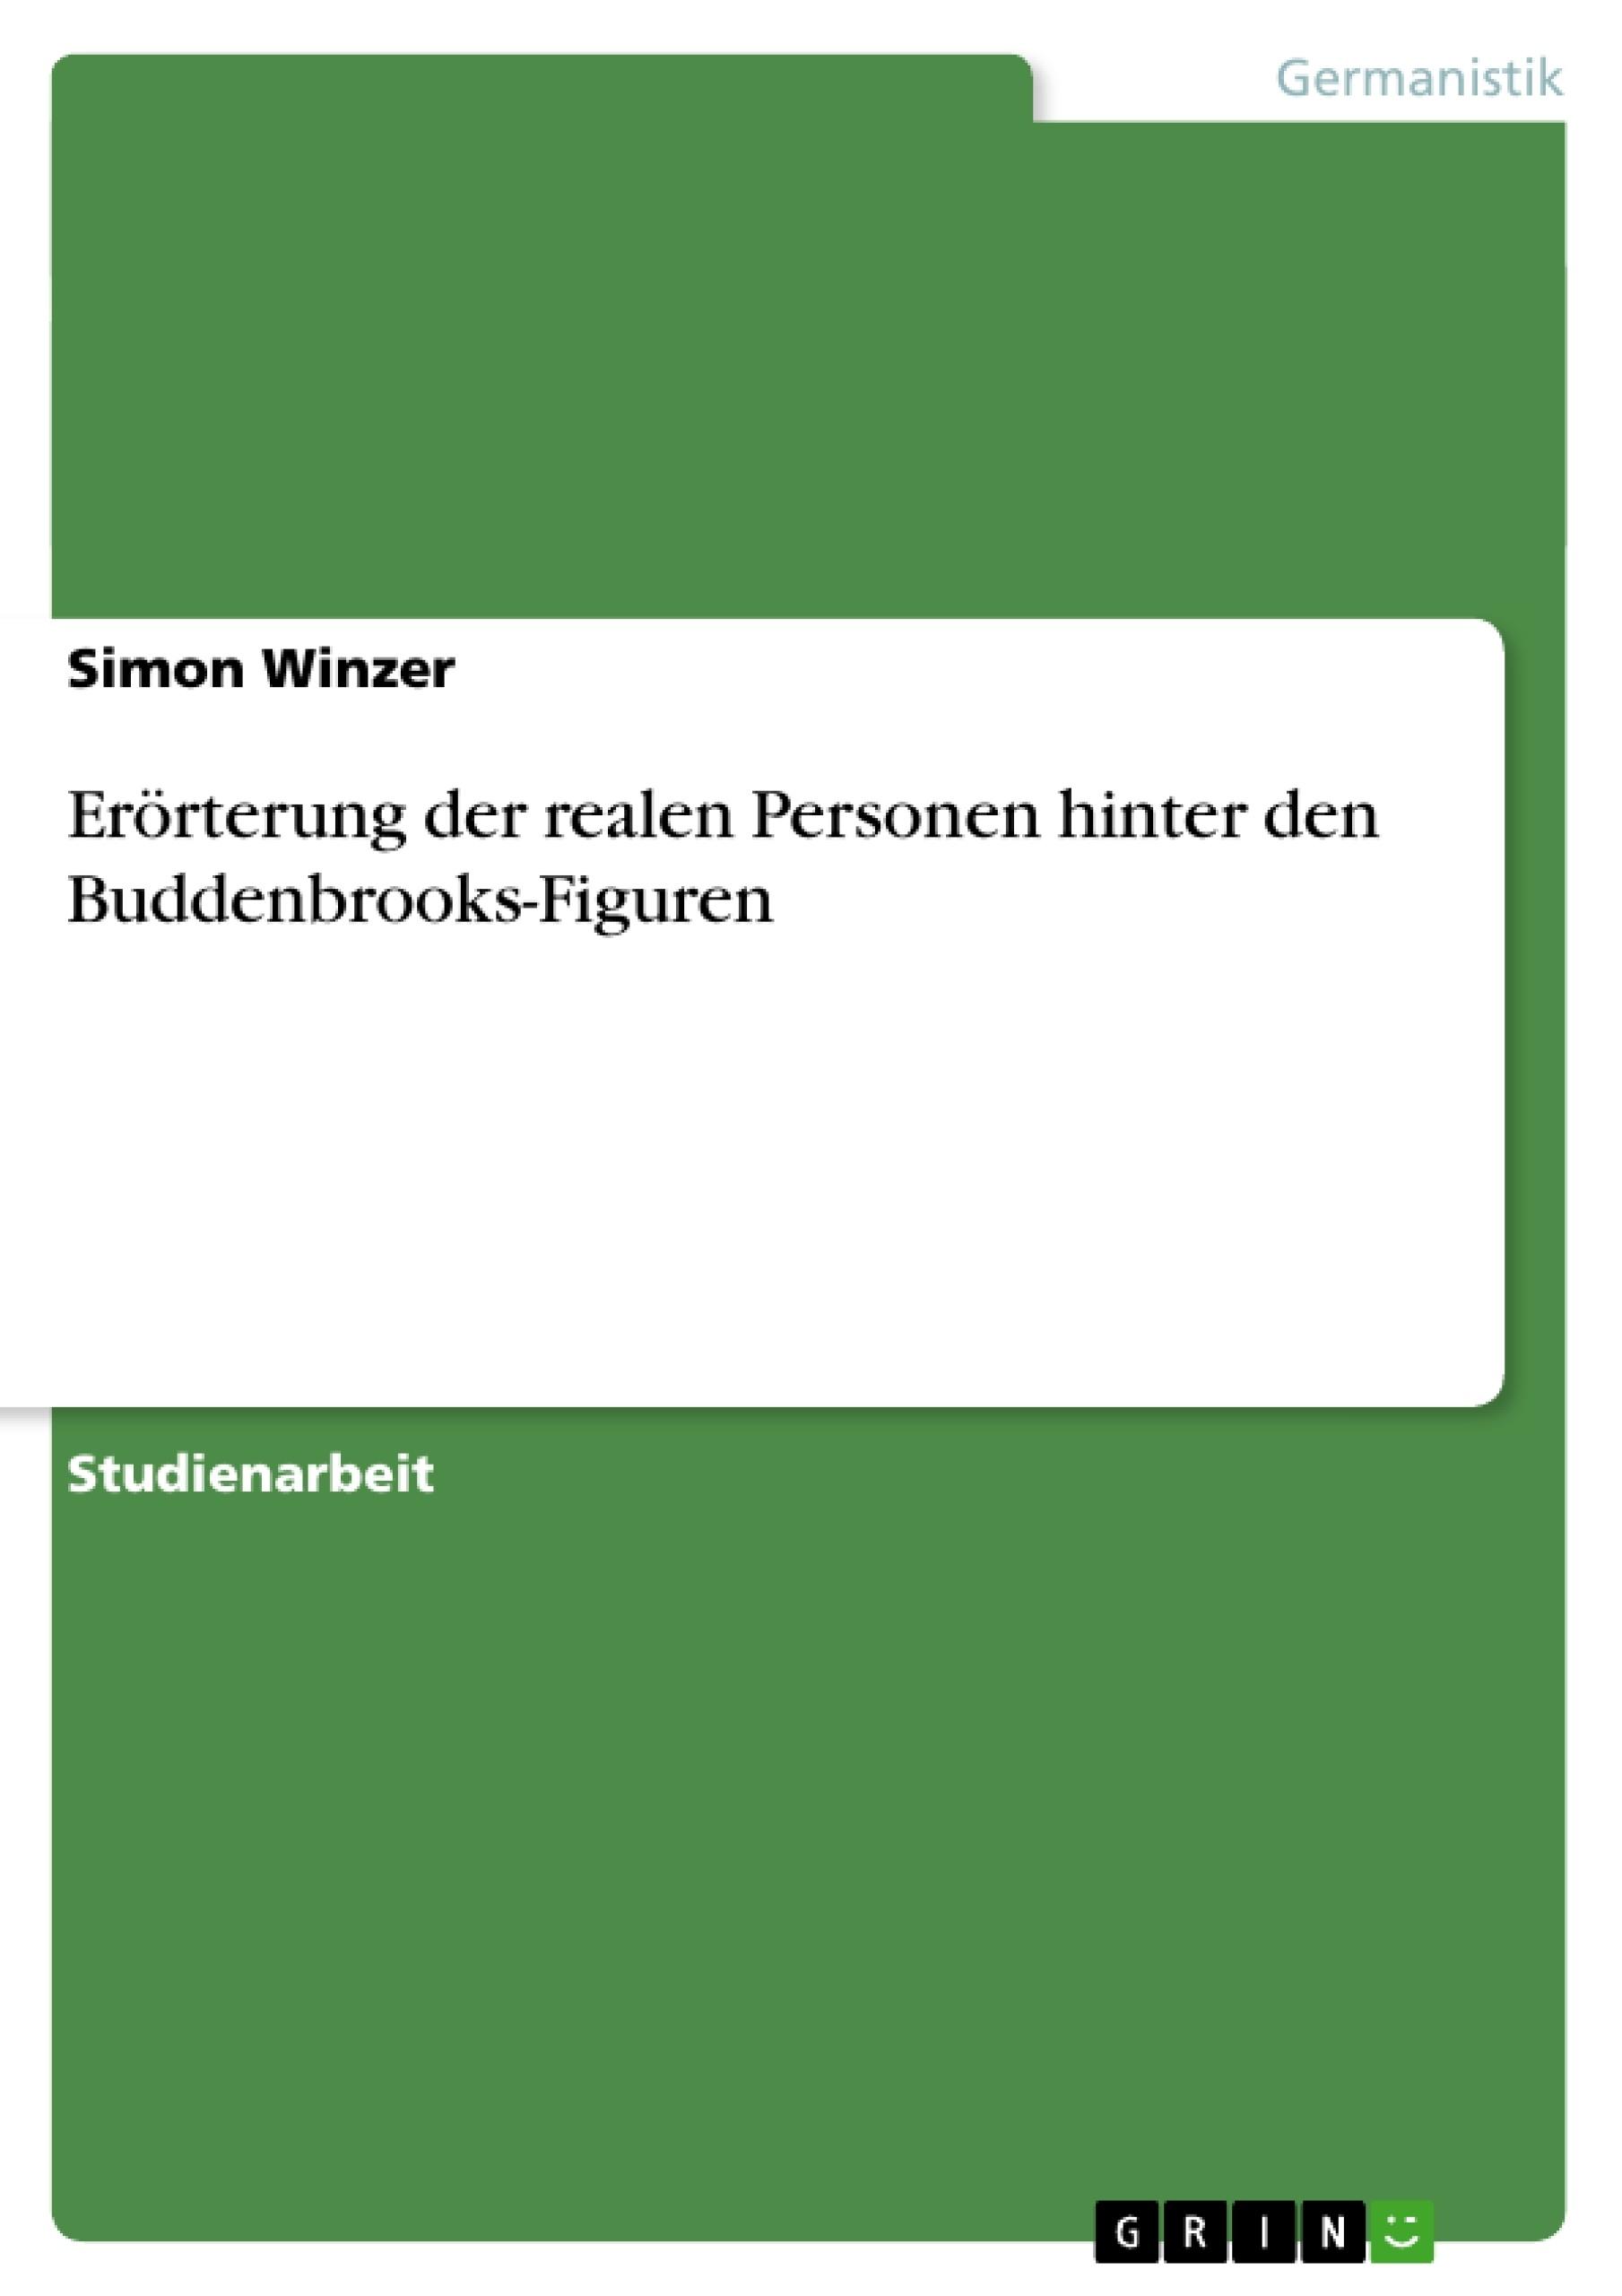 Titel: Erörterung der realen Personen hinter den Buddenbrooks-Figuren